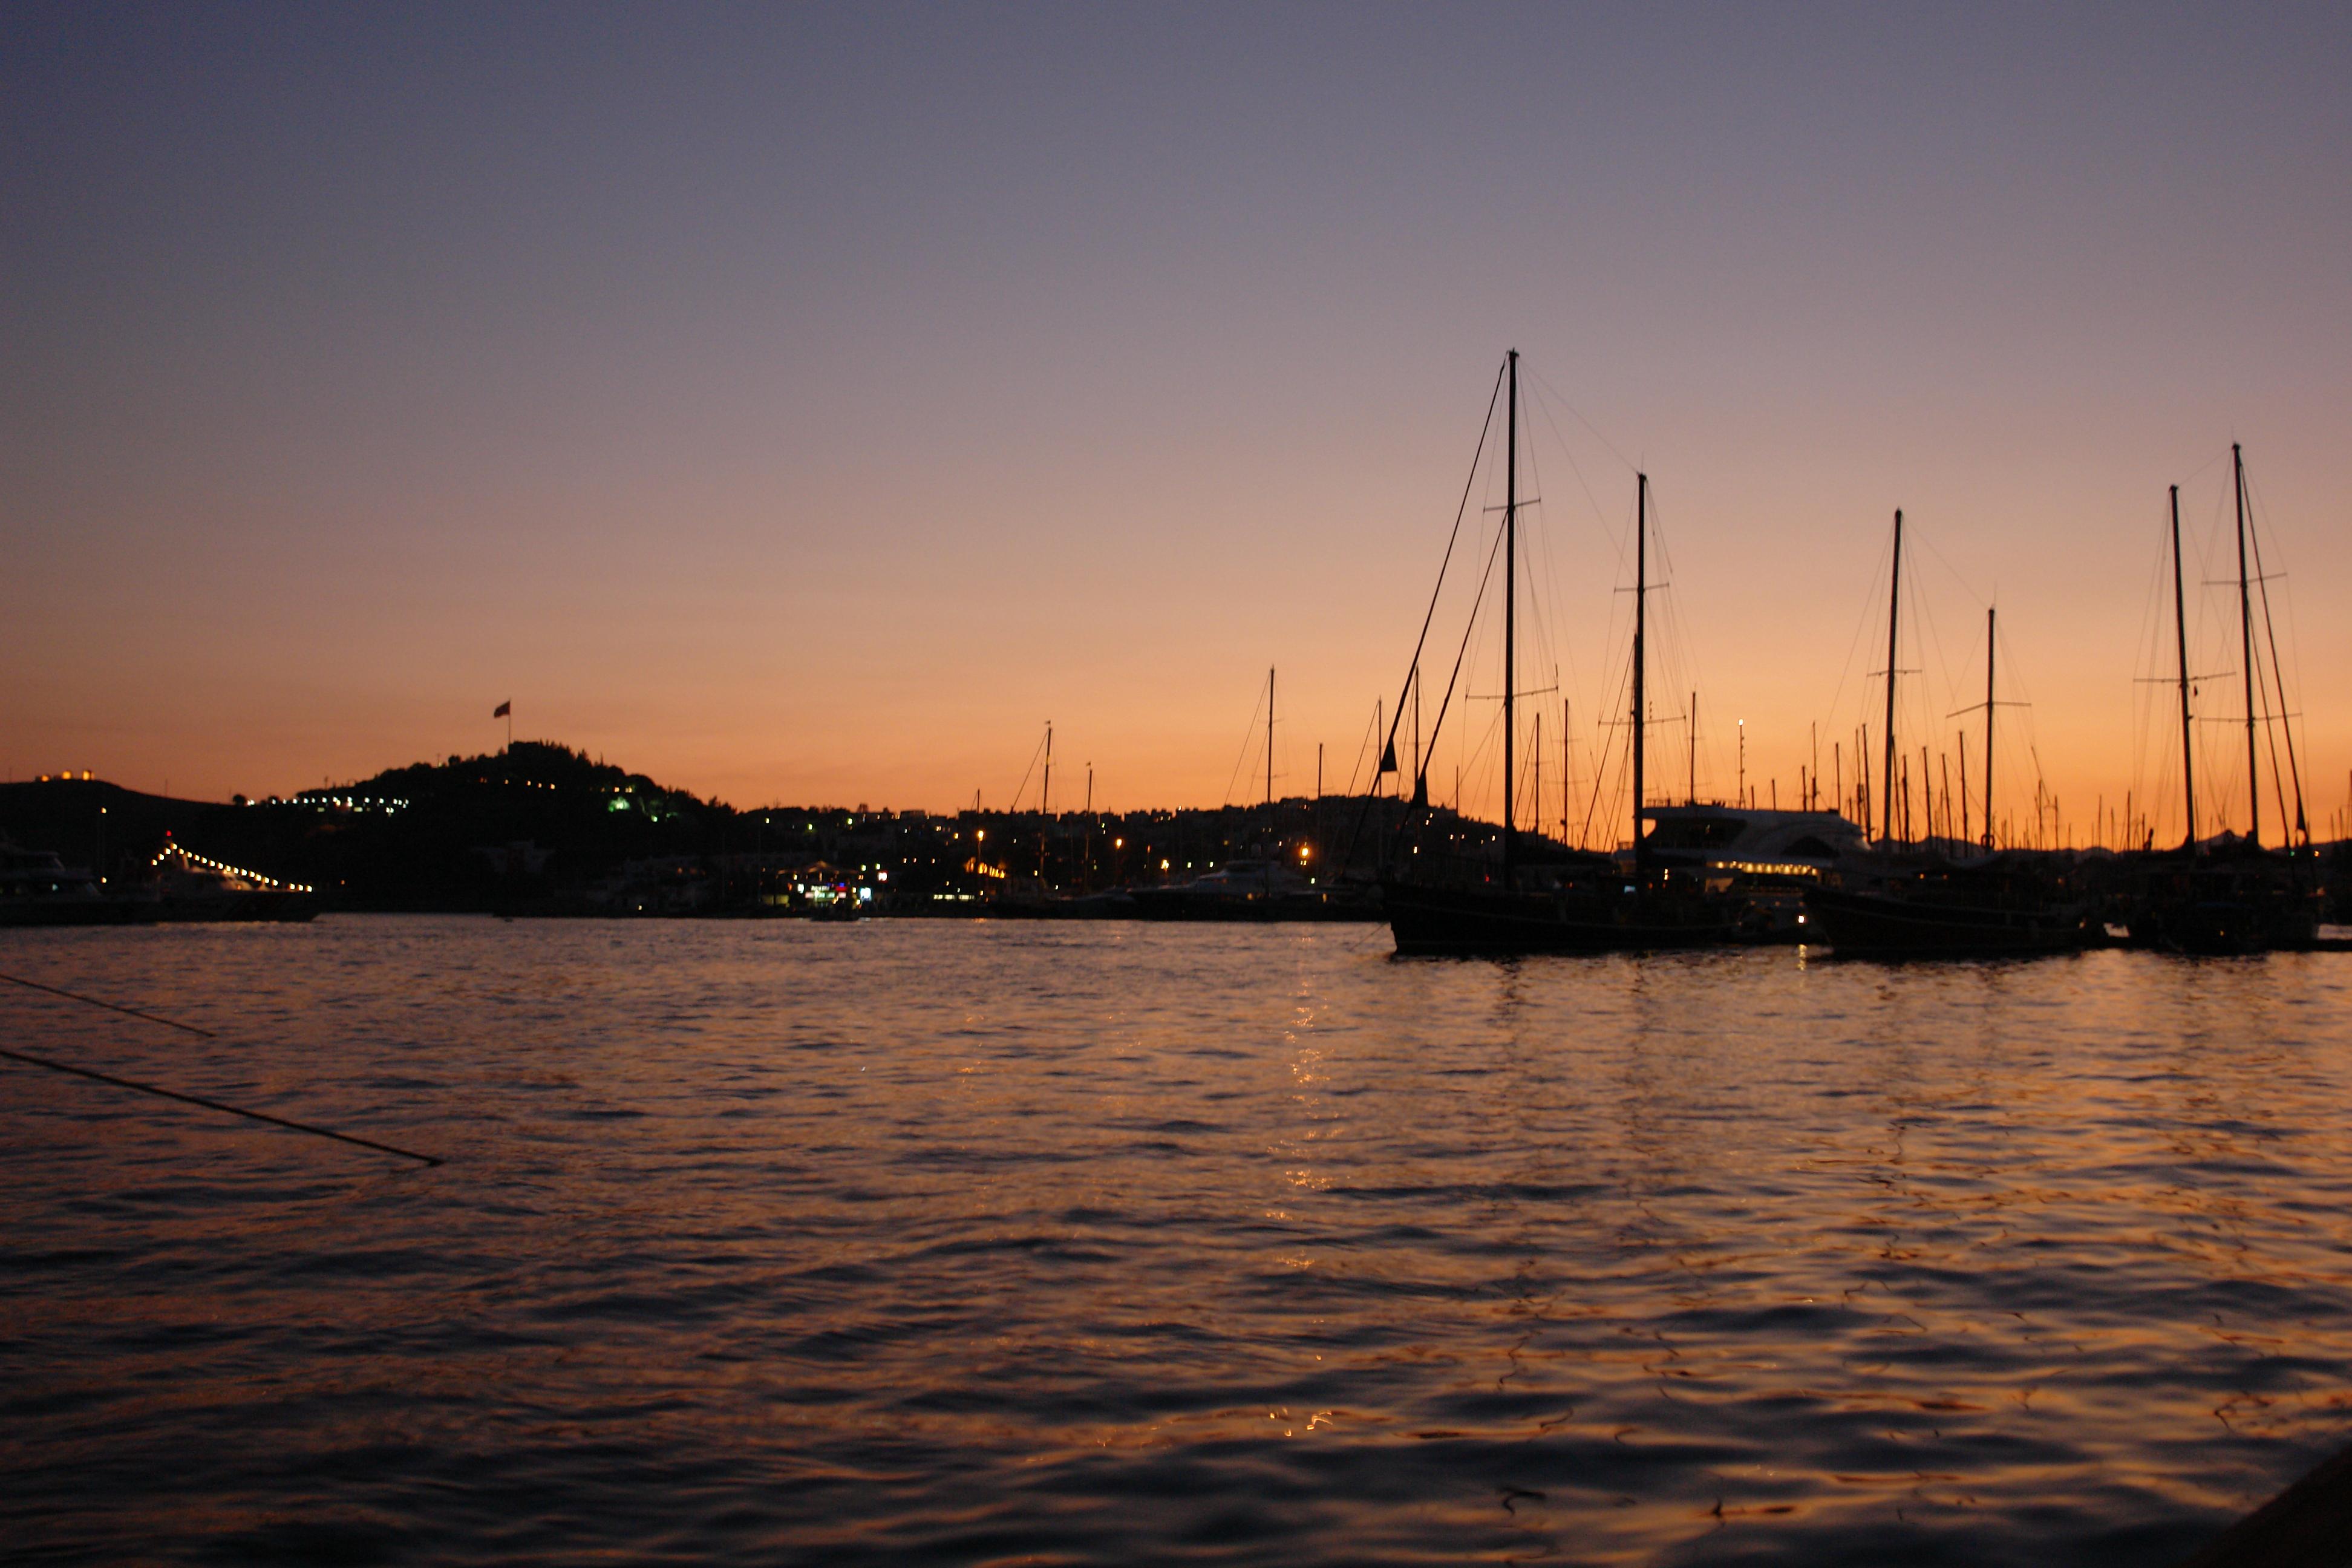 Night and sea, Boats, Coast, Landscape, Mast, HQ Photo